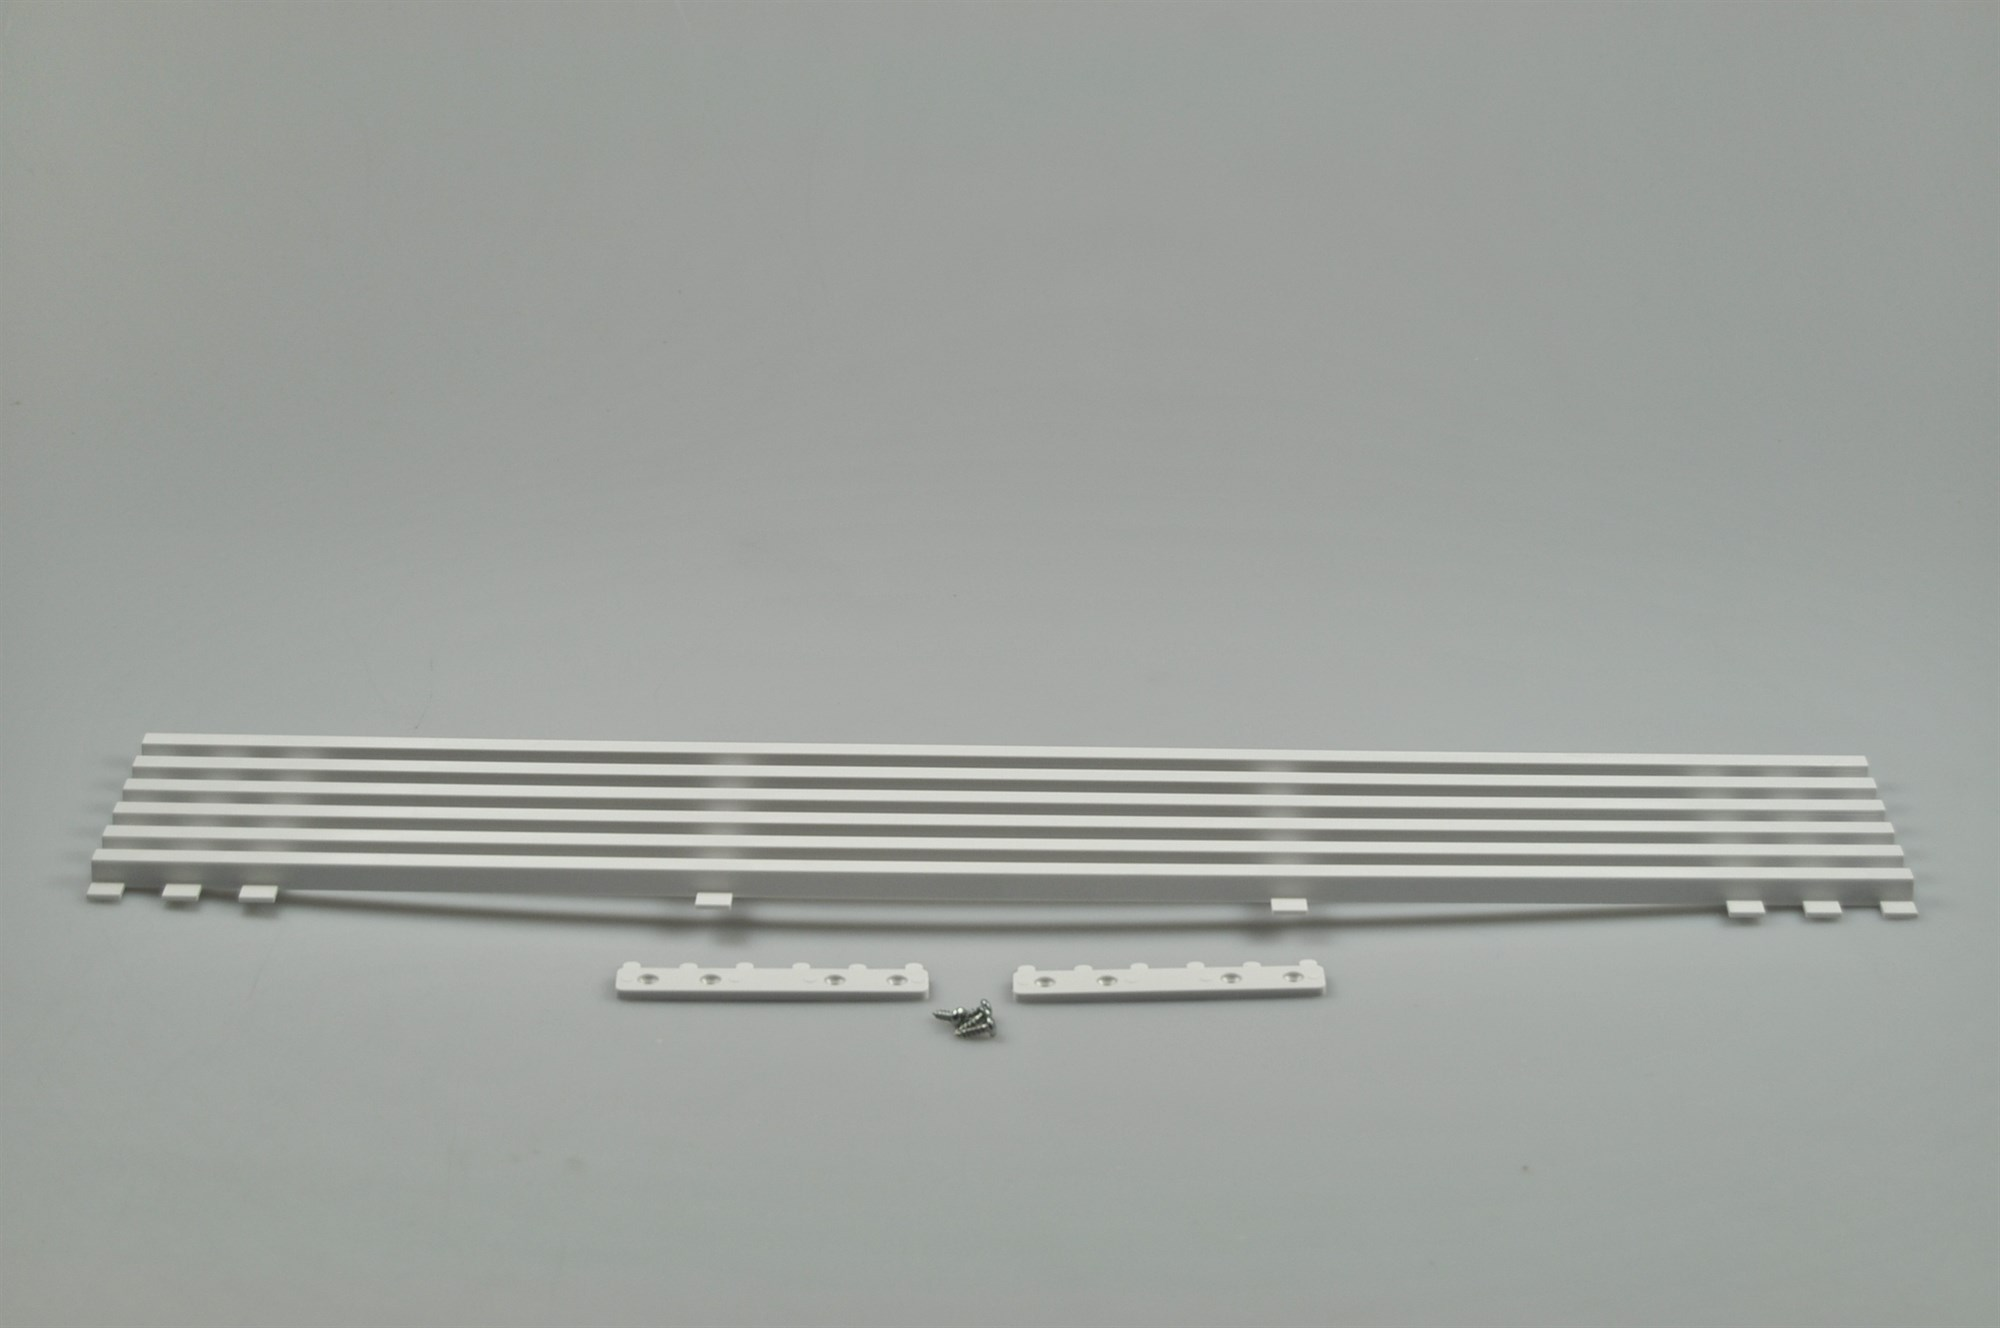 Side By Side Kühlschrank Verkleiden : Lüftungsgitter universal side by side kühlschrank